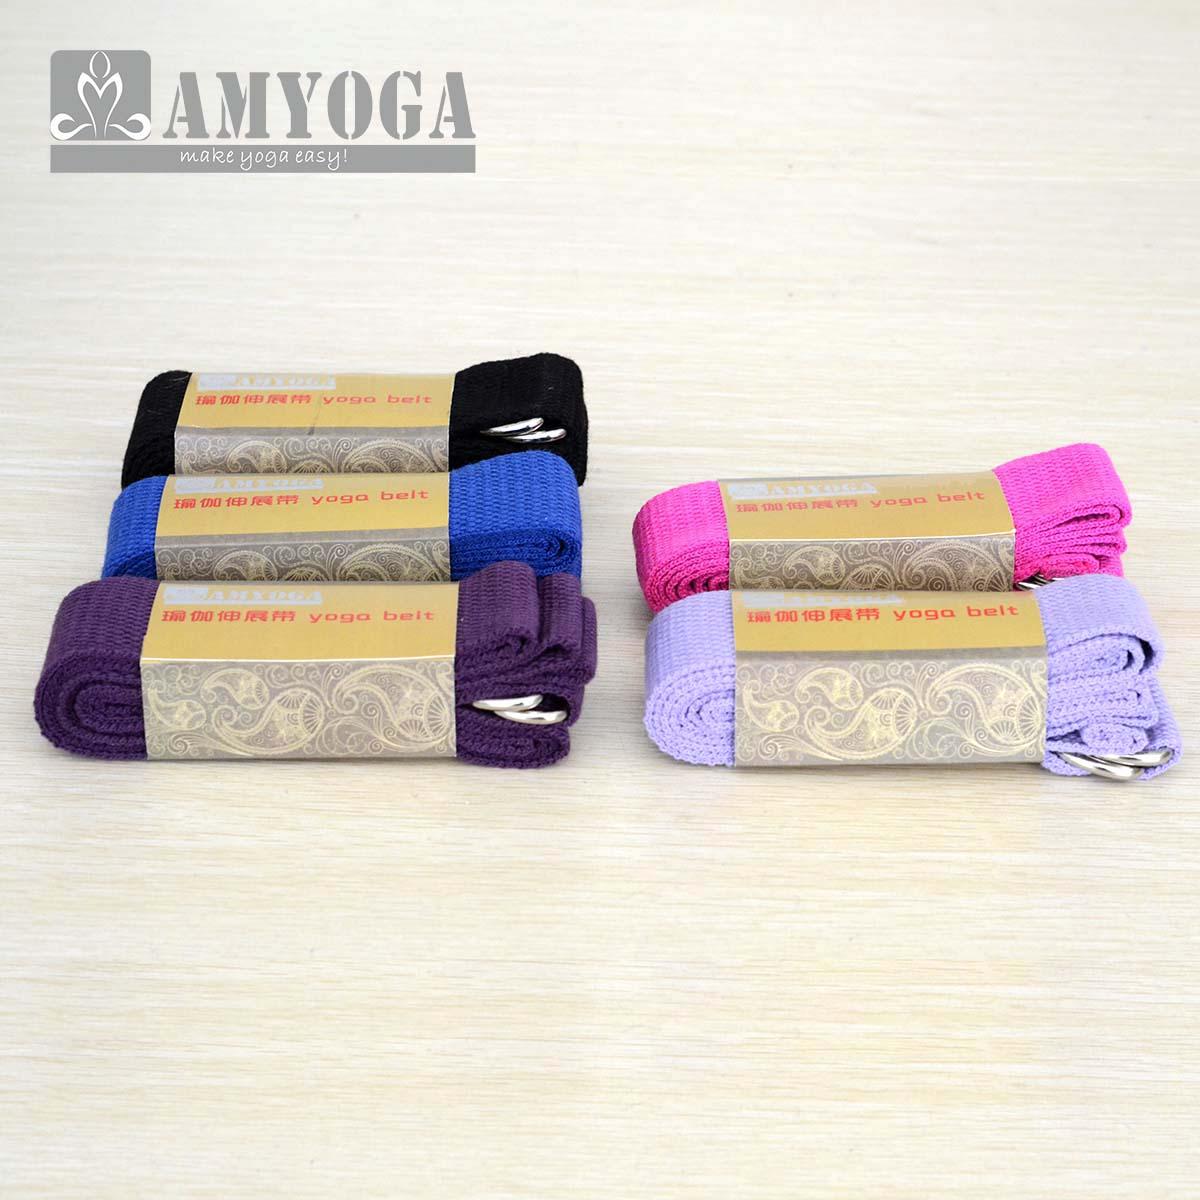 涤棉加长艾杨格初学者 拉筋瑜伽伸展带 瑜伽用品辅助瑜珈拉伸带